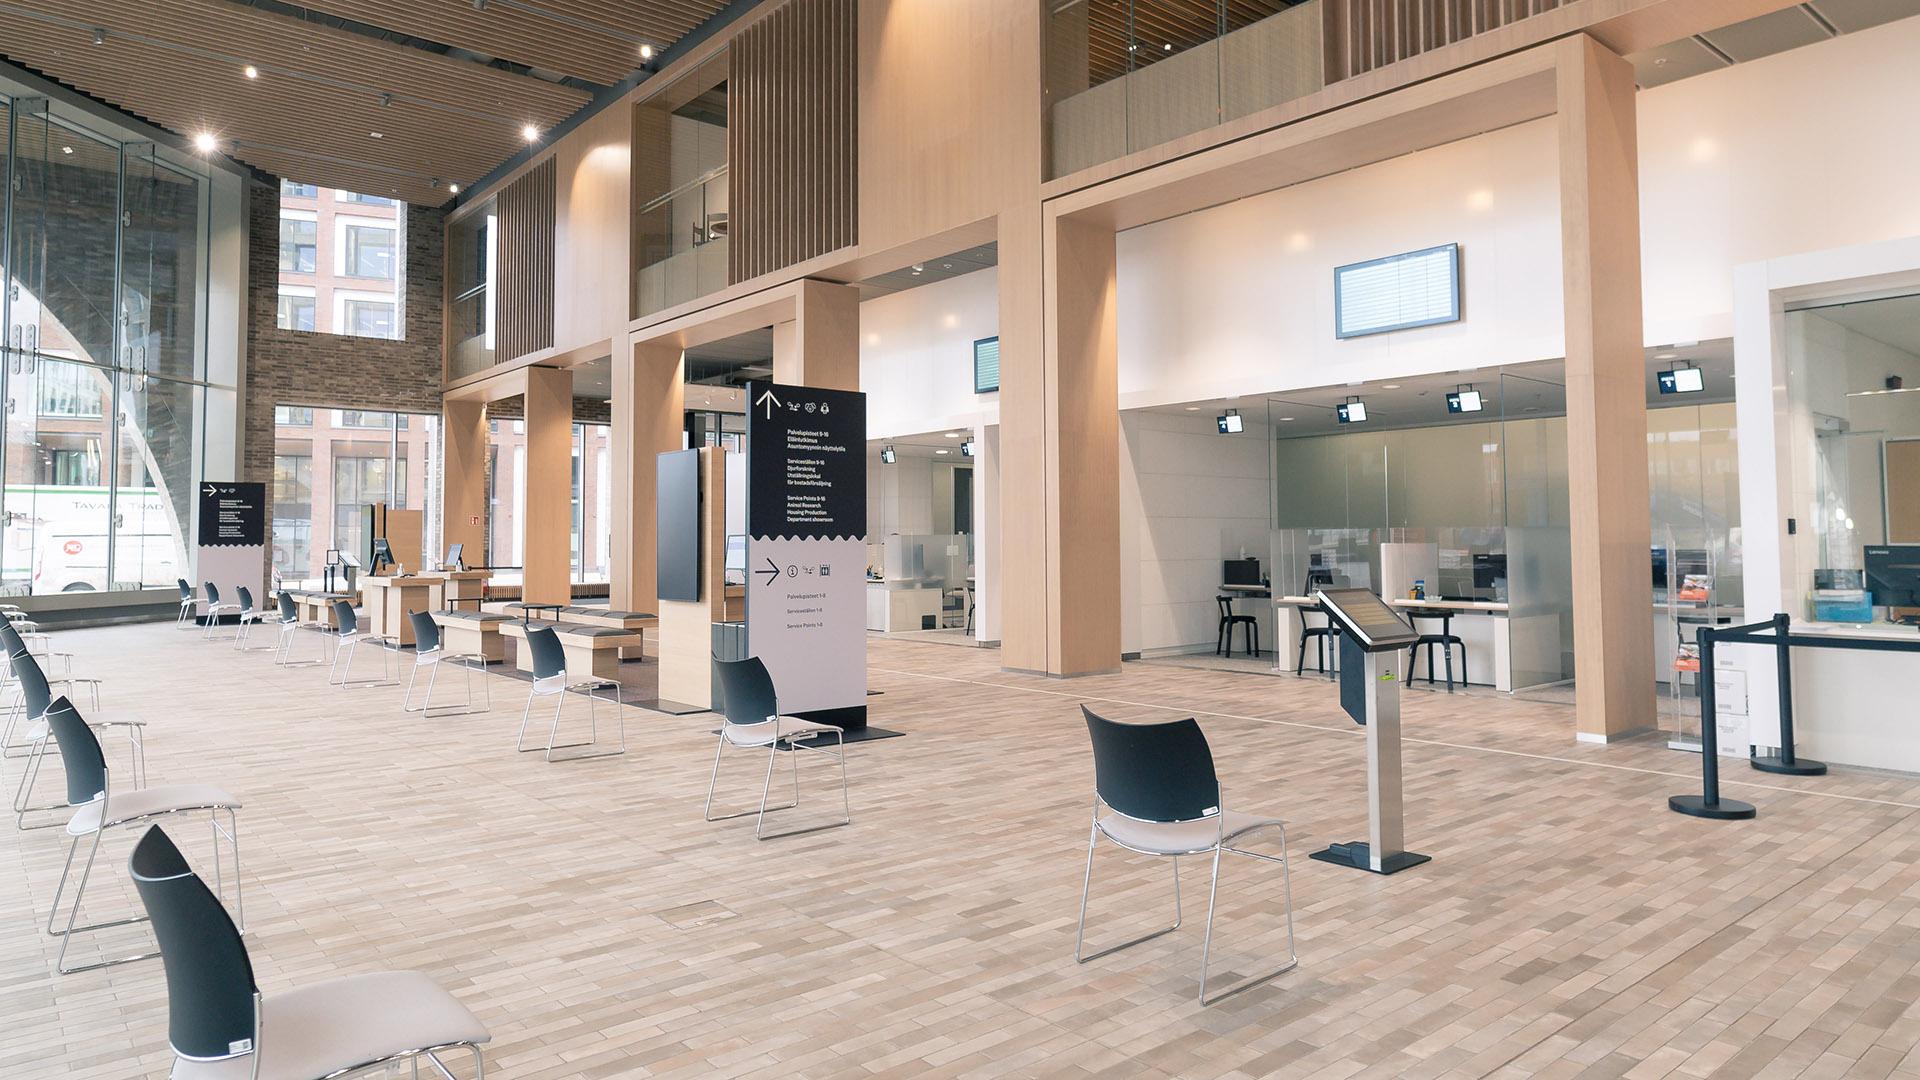 Helsingin Kaupunki luottaa EWQ:n Jonottomiin Palveluihin asiakashallinnassaan.